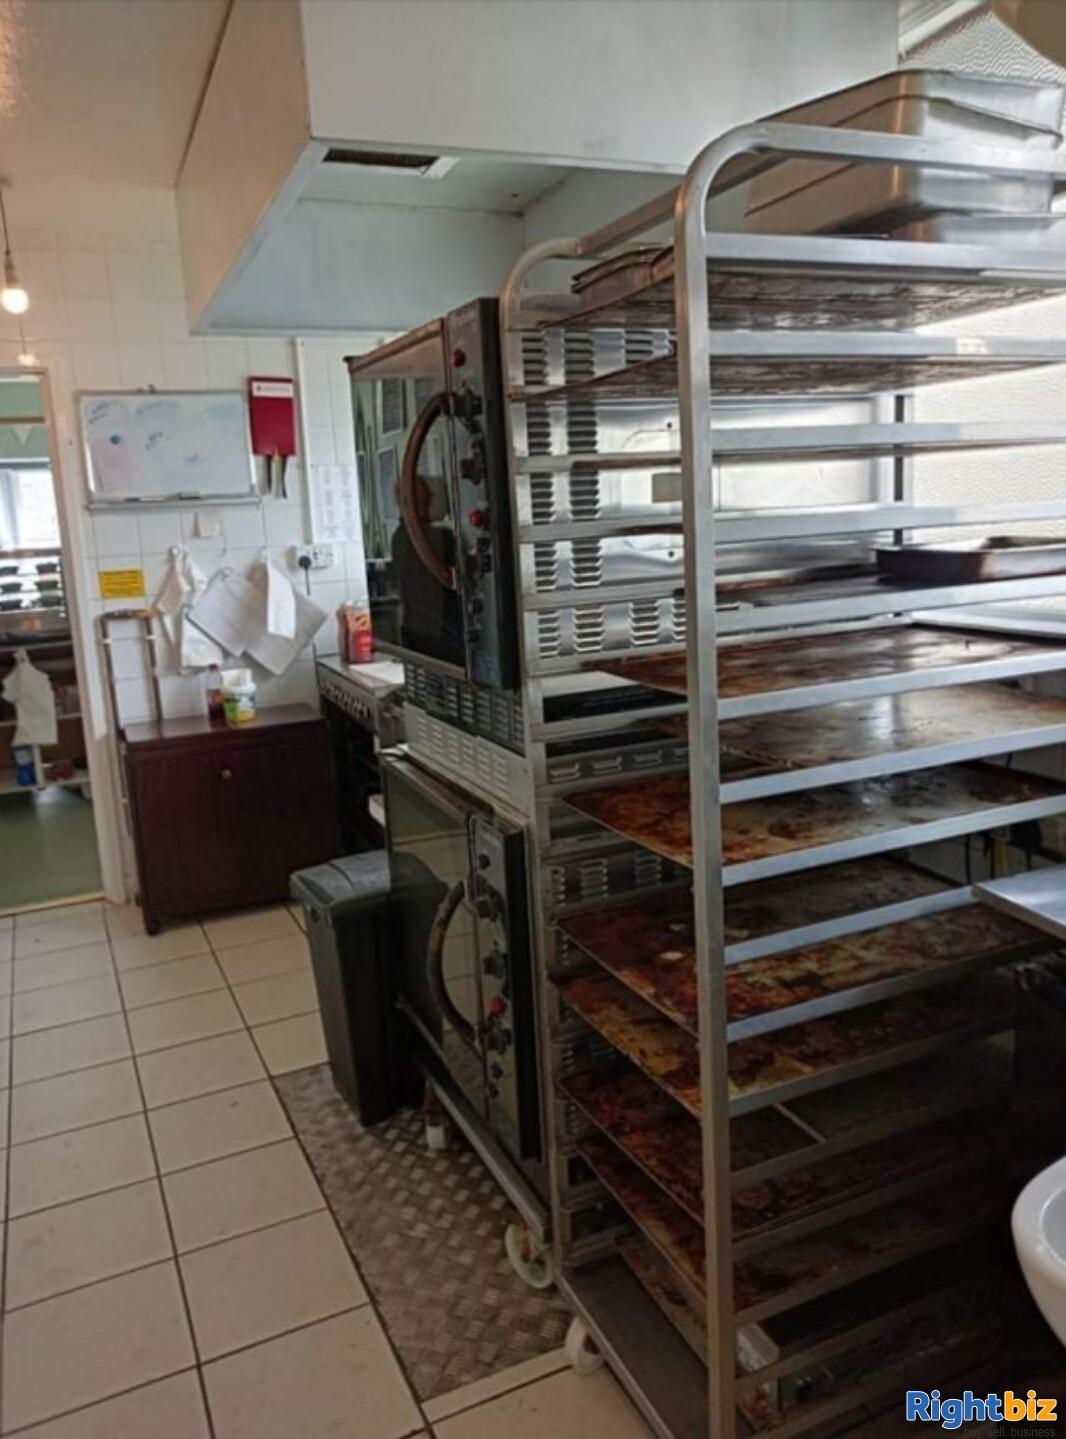 Sandwich shop for sale in Bolton-le-Sands, Lancashire - Image 7